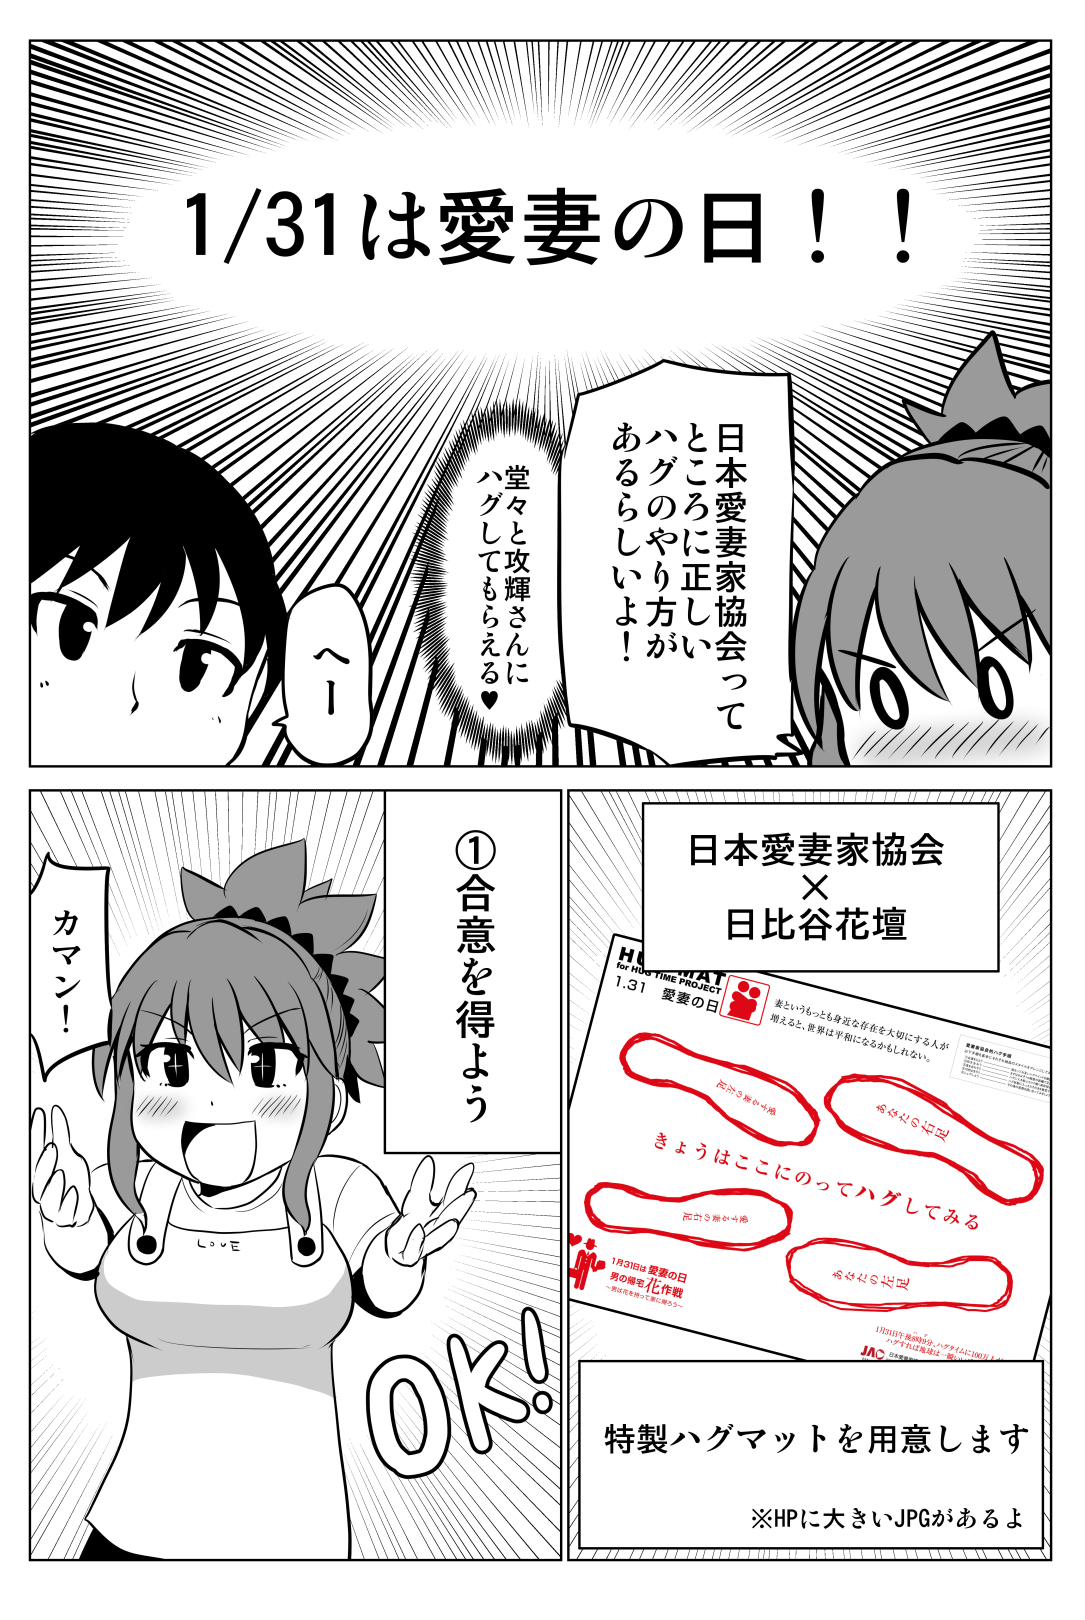 【第38話】防御力ゼロの嫁 愛妻の日ハグ講座編